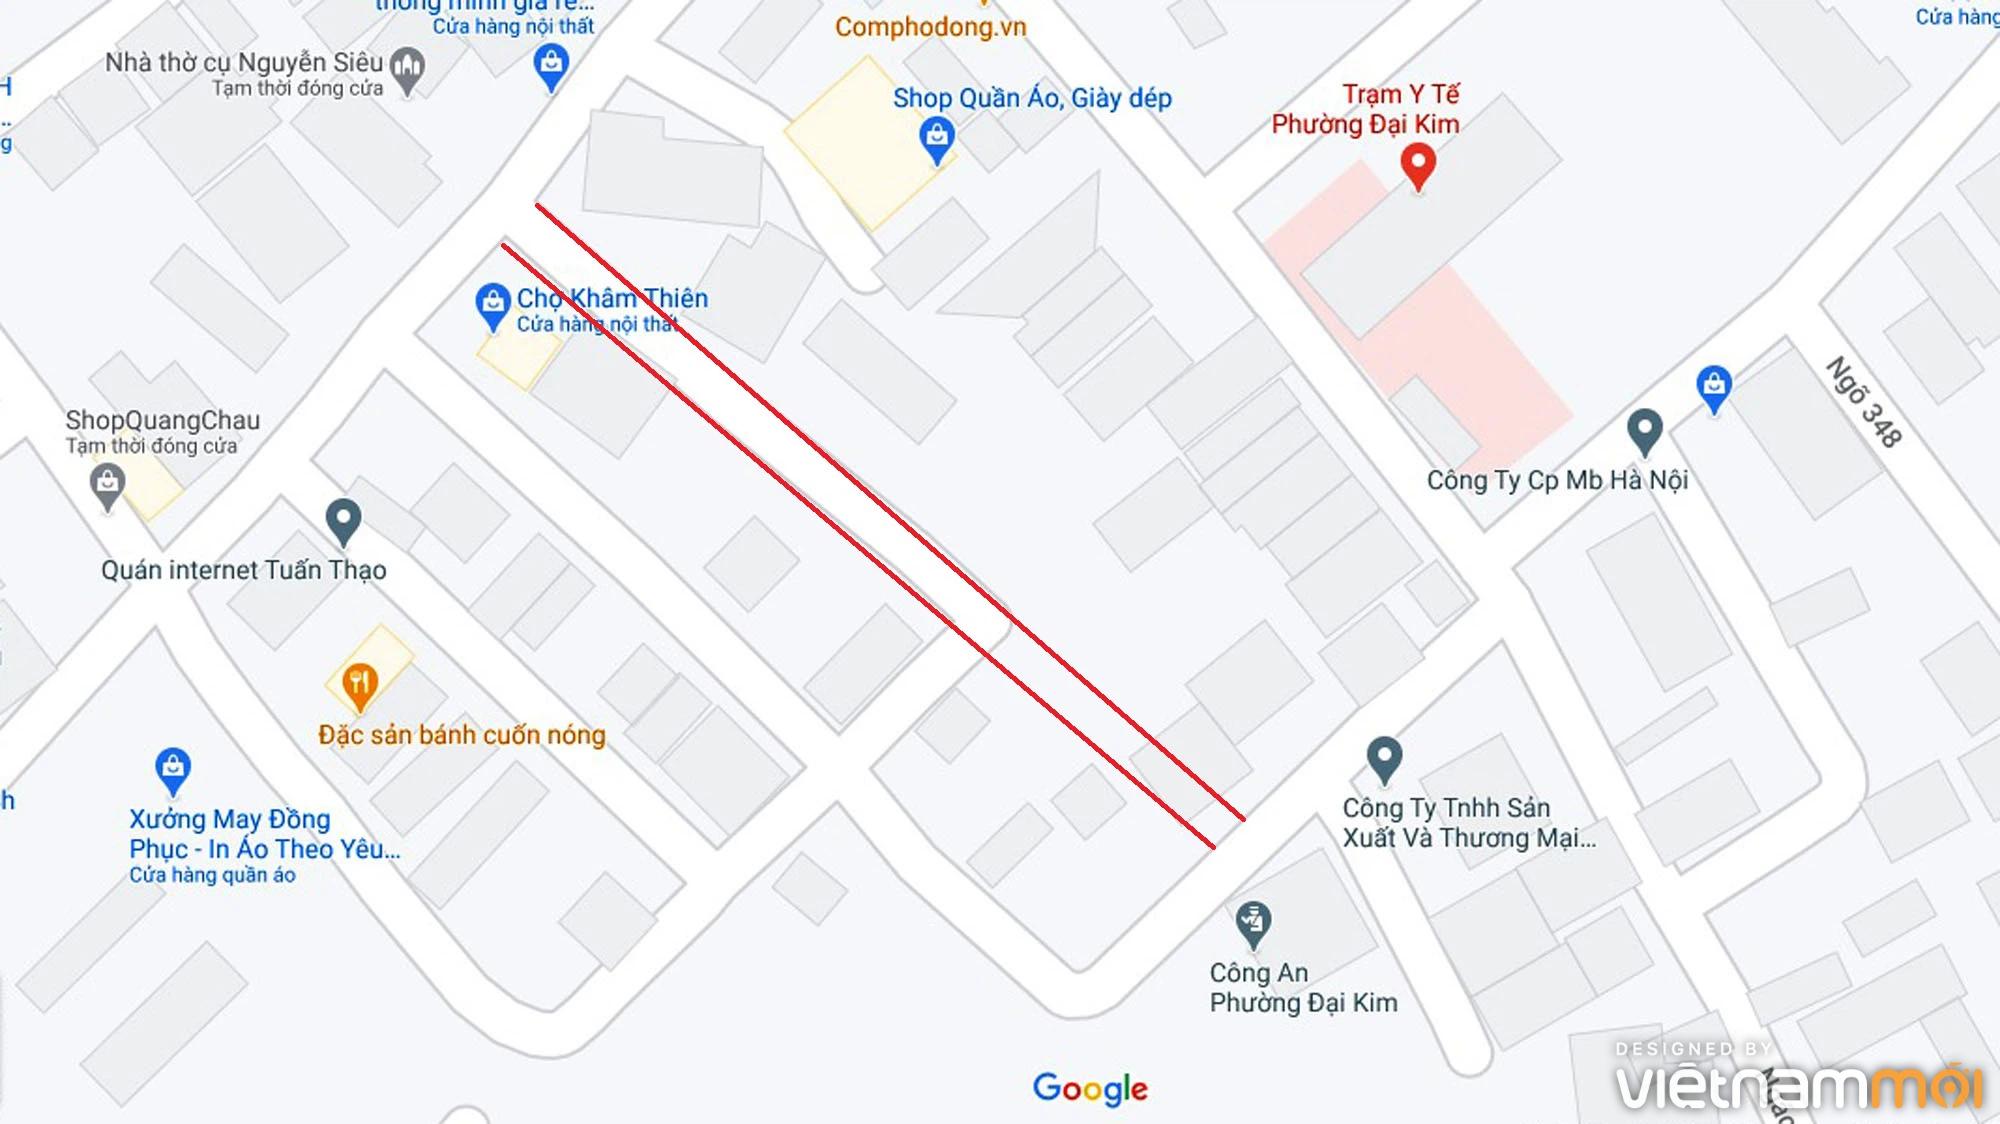 Đường sẽ mở theo quy hoạch ở phường Đại Kim, Hoàng Mai, Hà Nội (phần 3) - Ảnh 10.